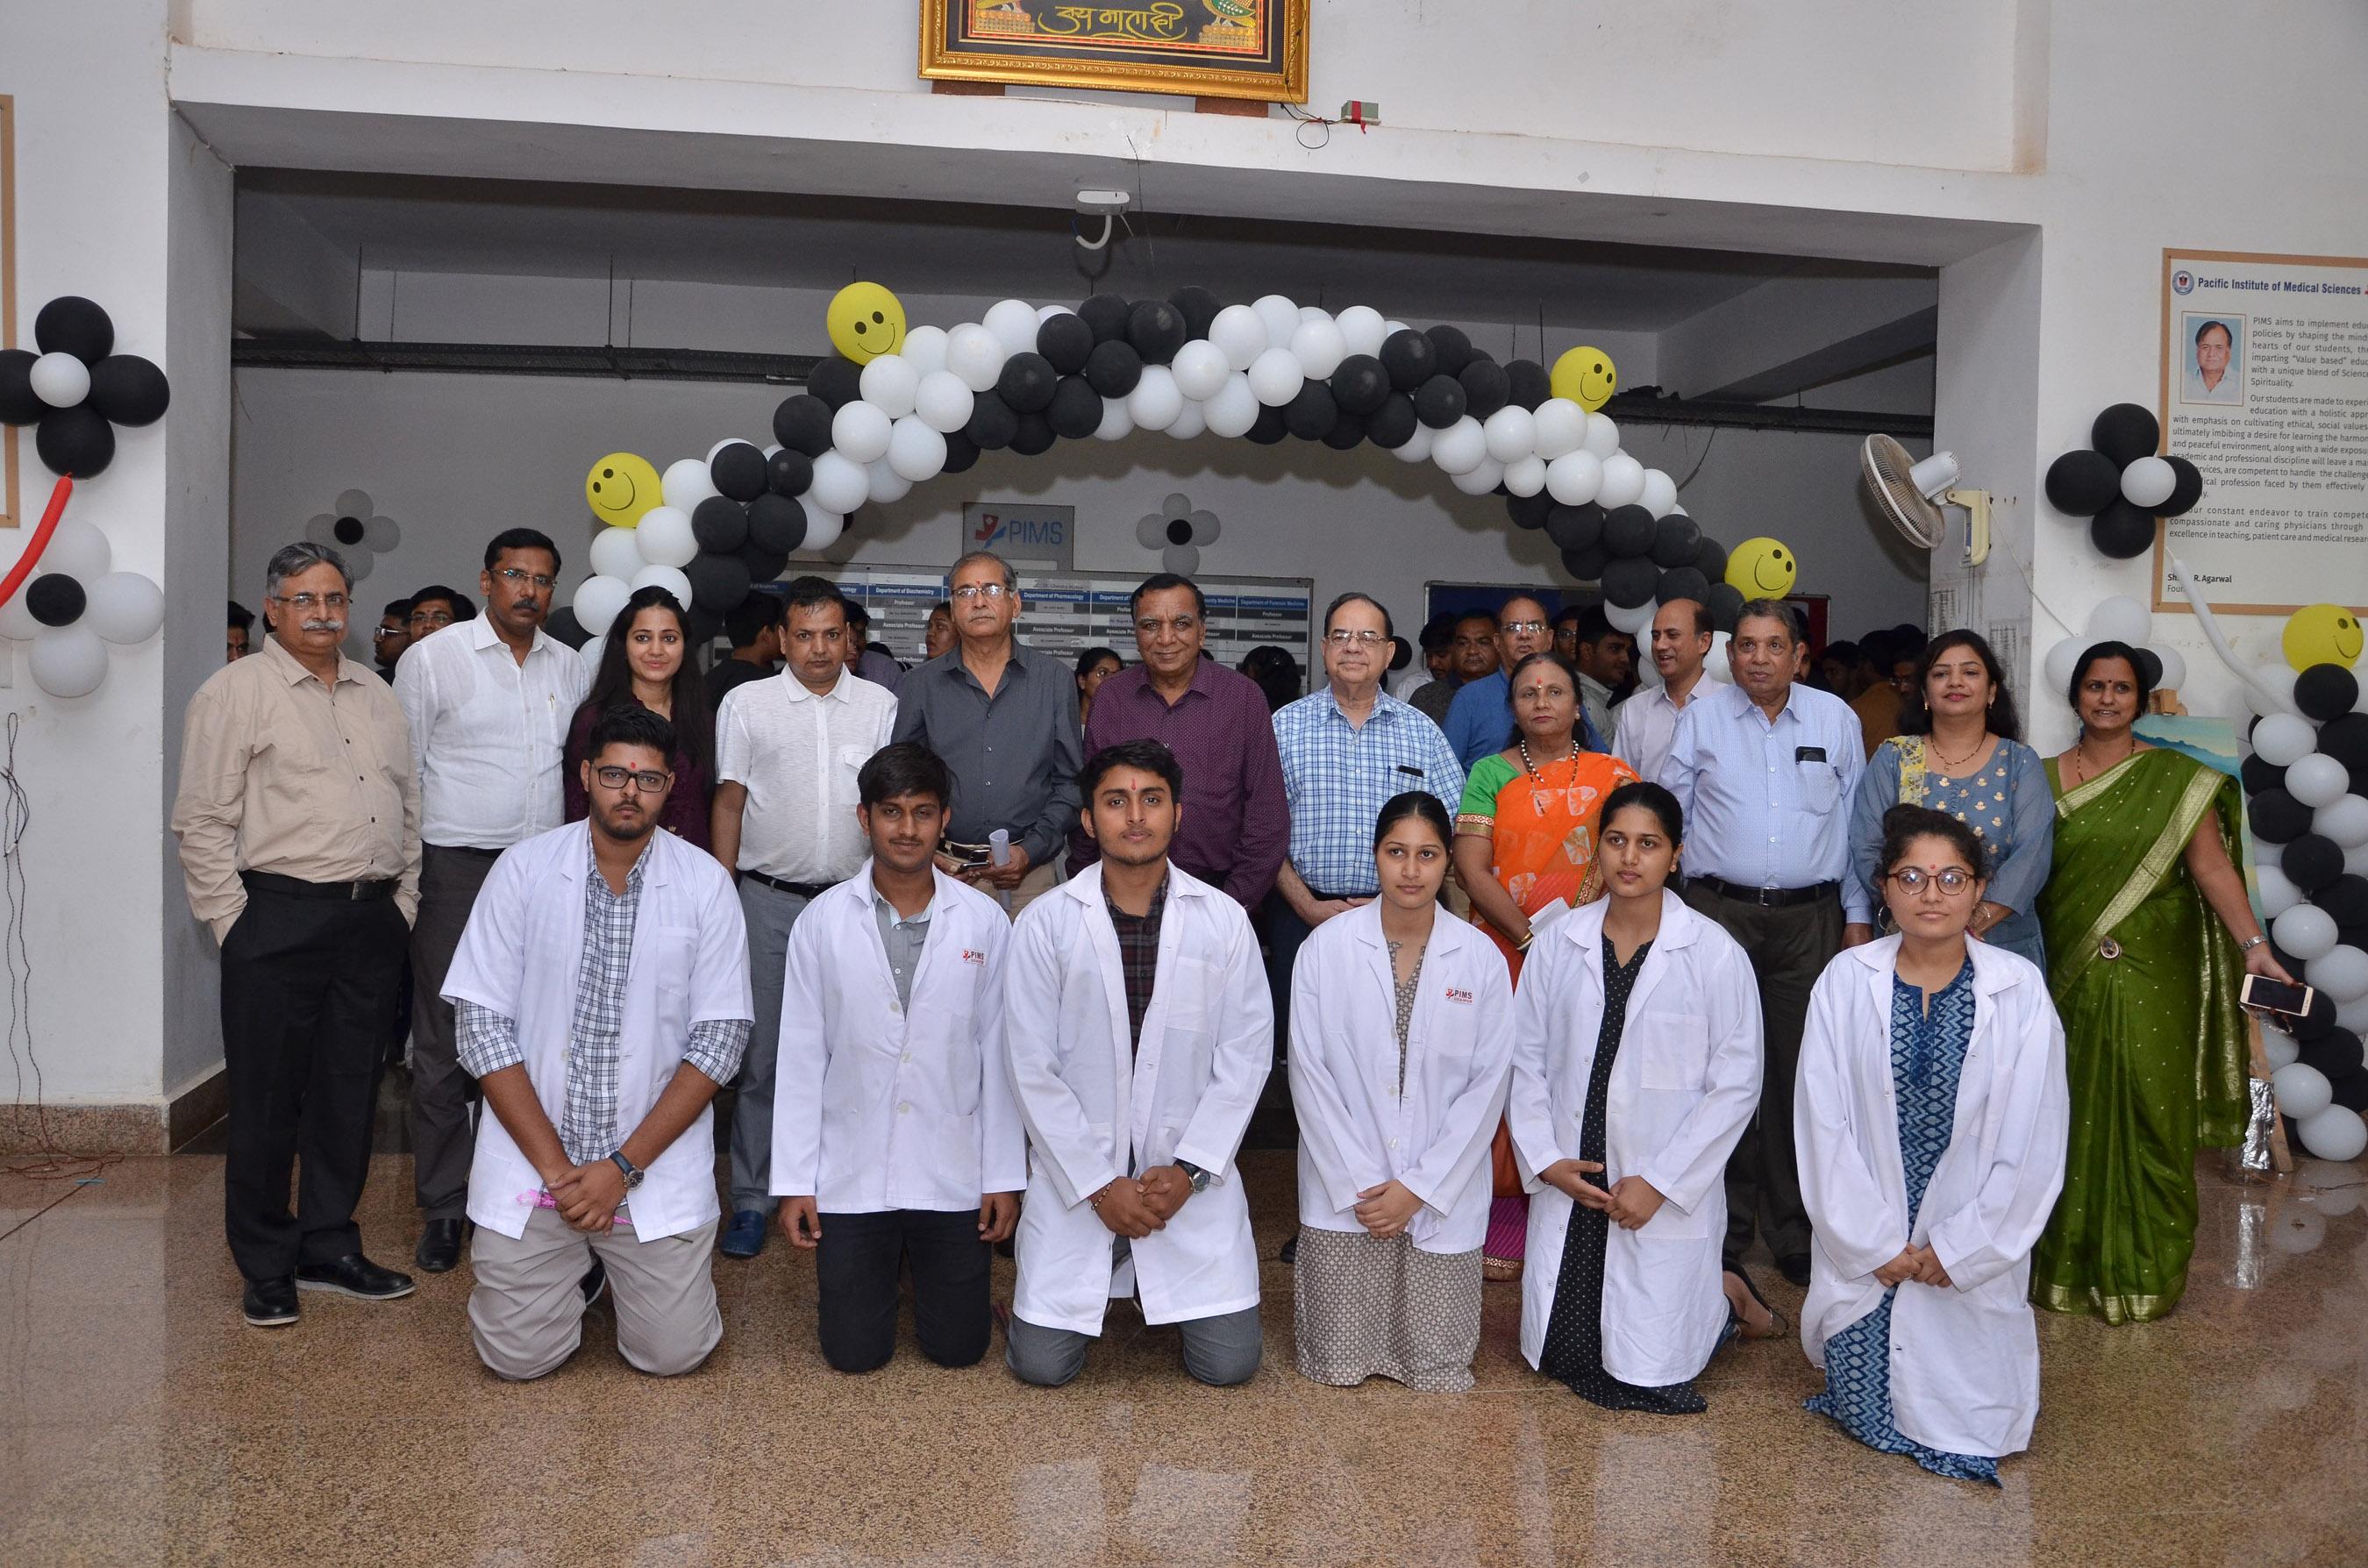 PIMS-नये छात्रों का प्रवेशोत्सव